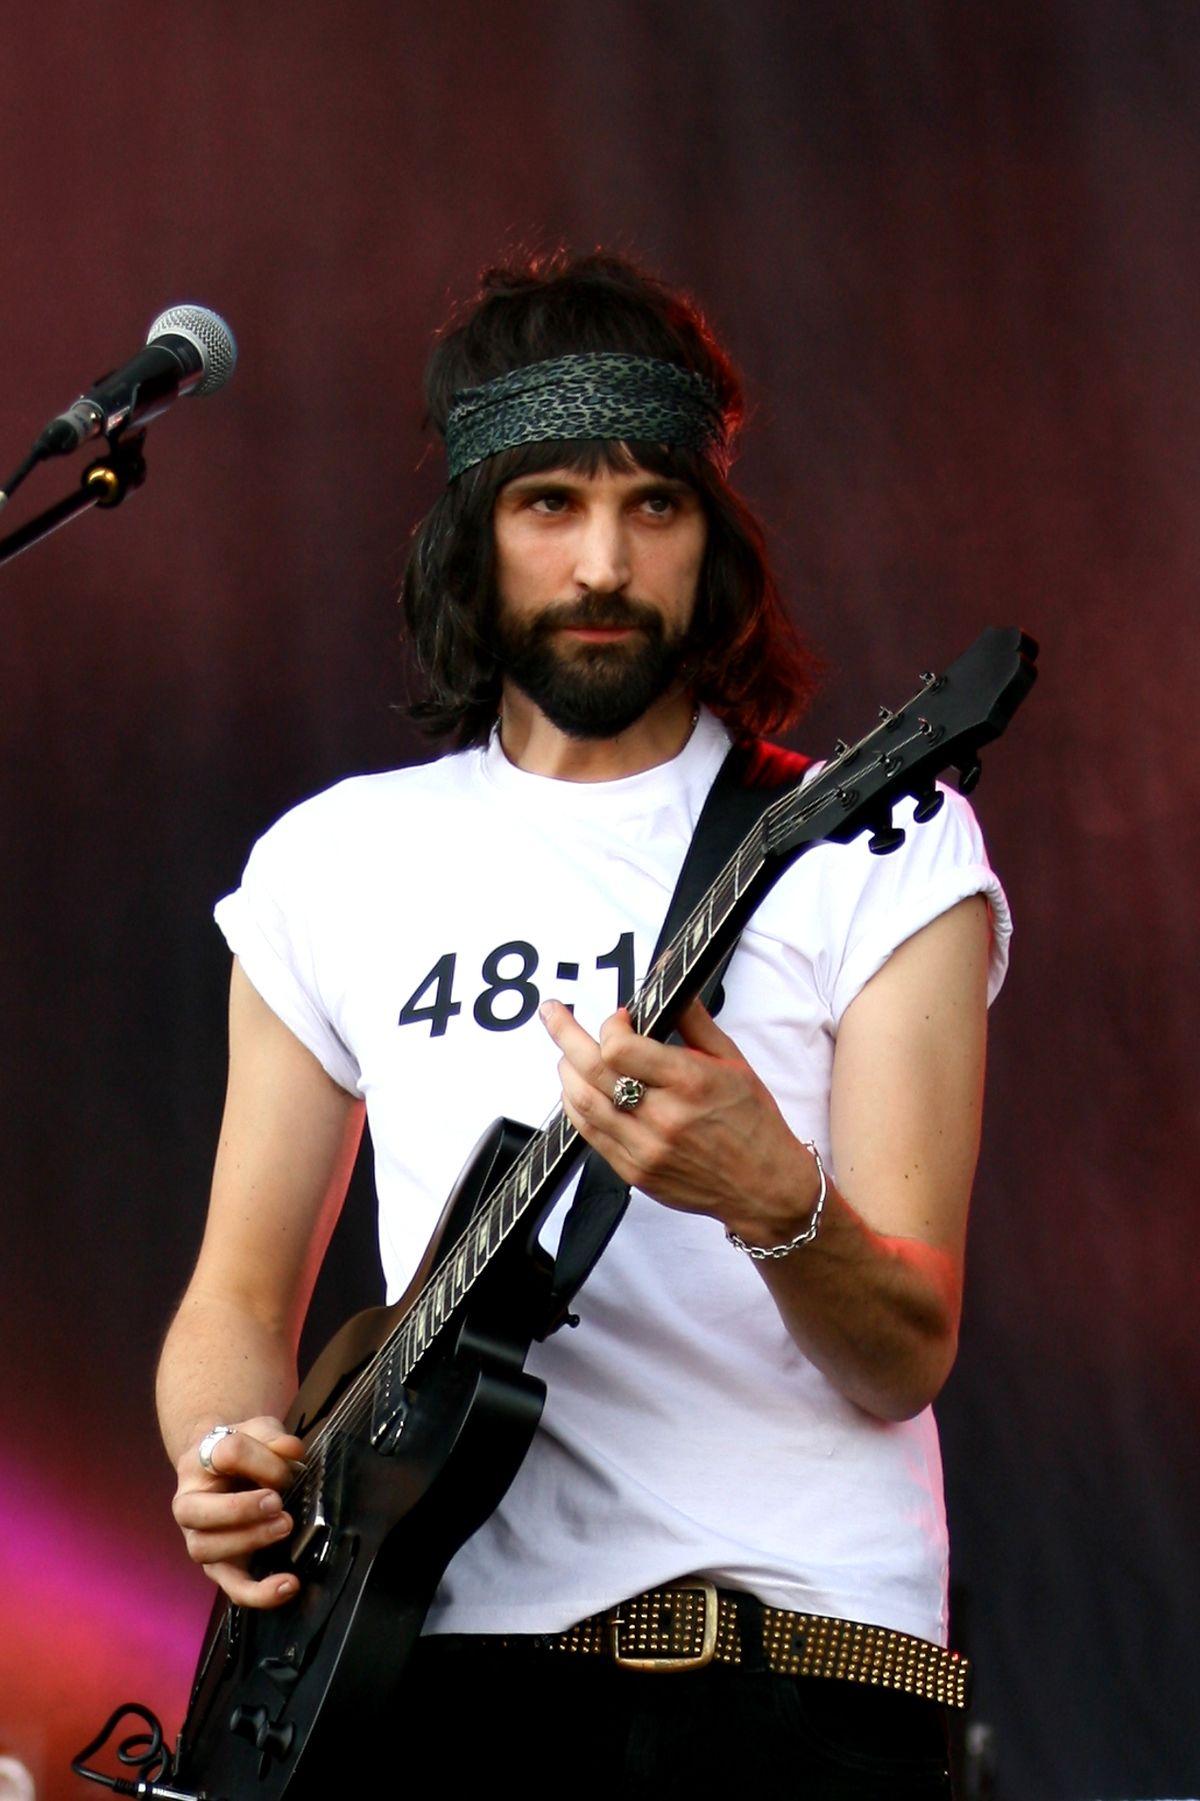 Sergio Pizzorno - guitar genius of the group Kasabian 91